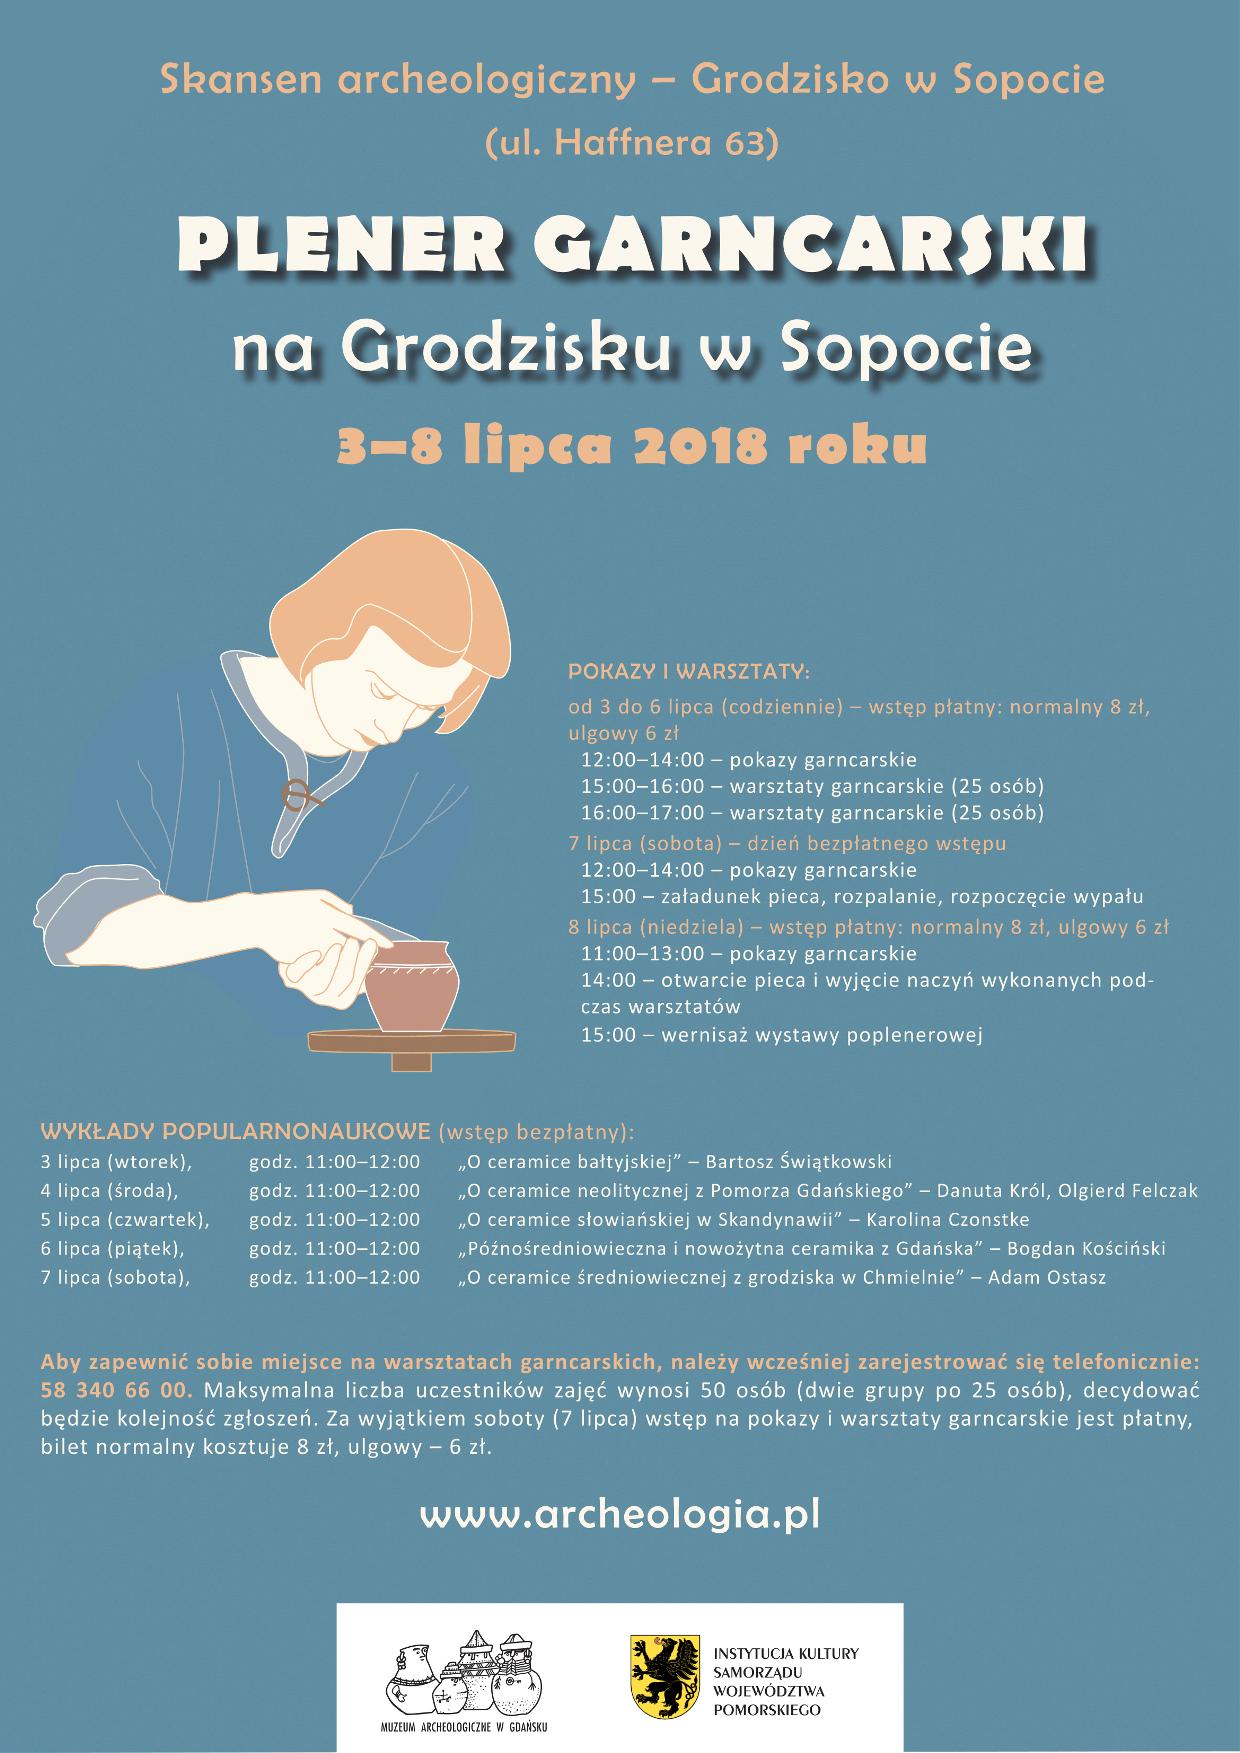 Plener garncarski na Grodzisku w Sopocie